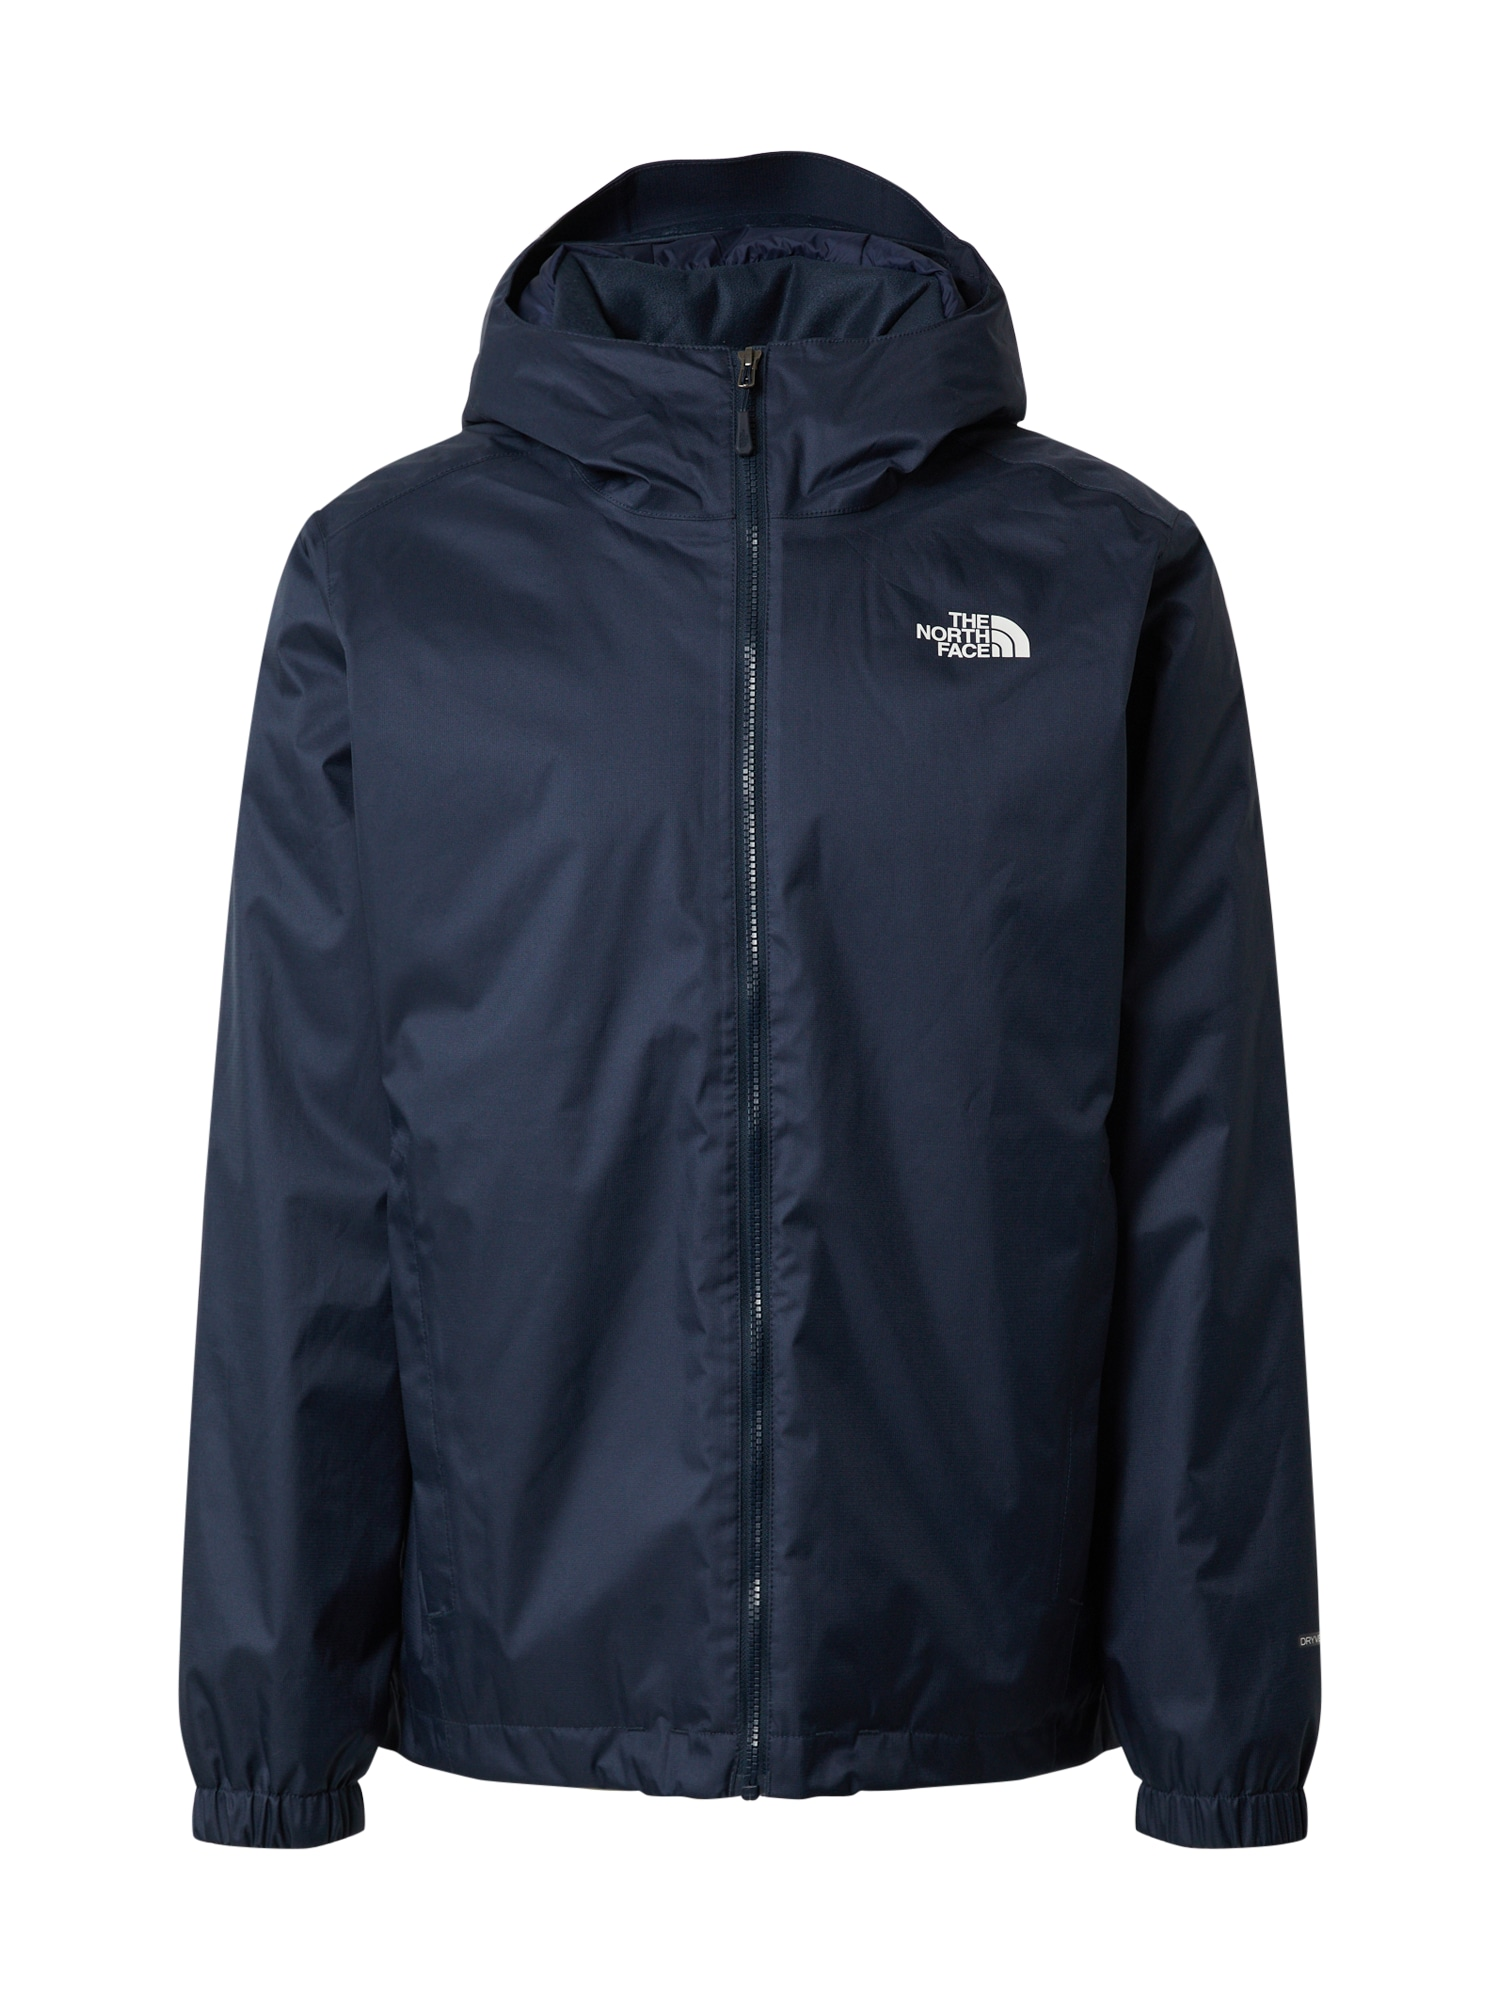 THE NORTH FACE Outdoorová bunda 'Quest'  modrá / námořnická modř